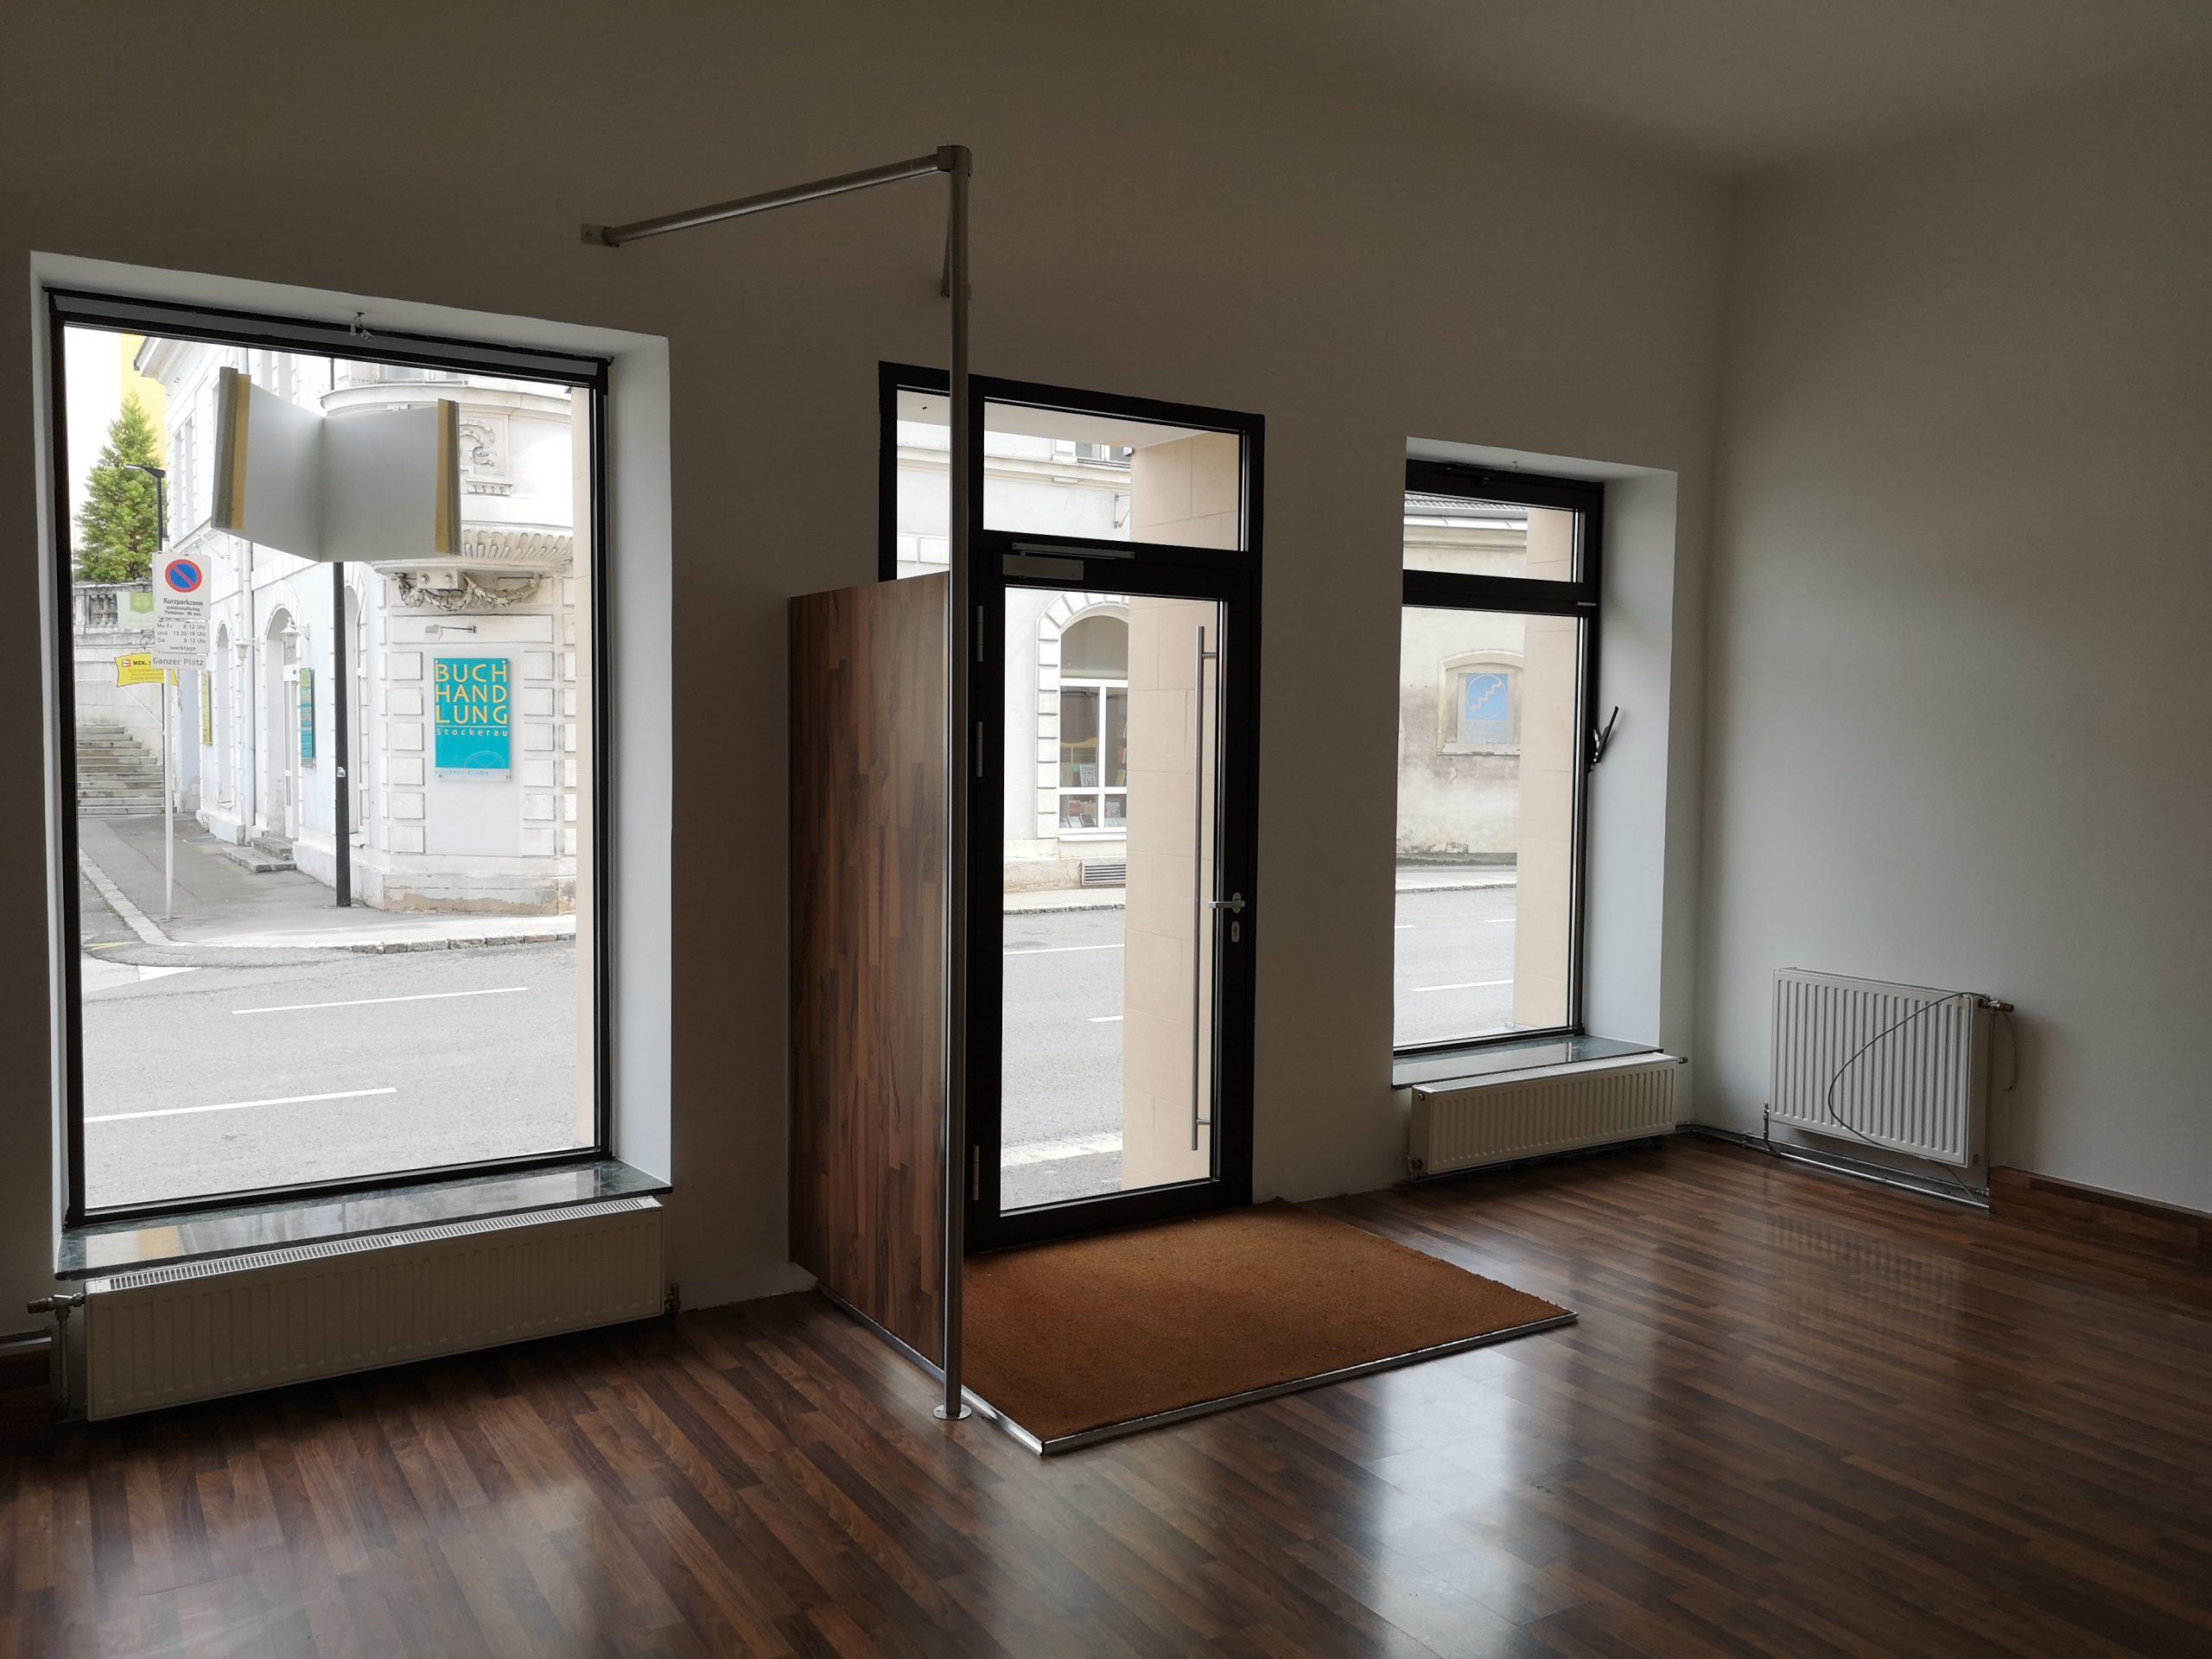 2000 Stockerau: 1 Raum-Geschäftslokal mit Schaufenster zu mieten